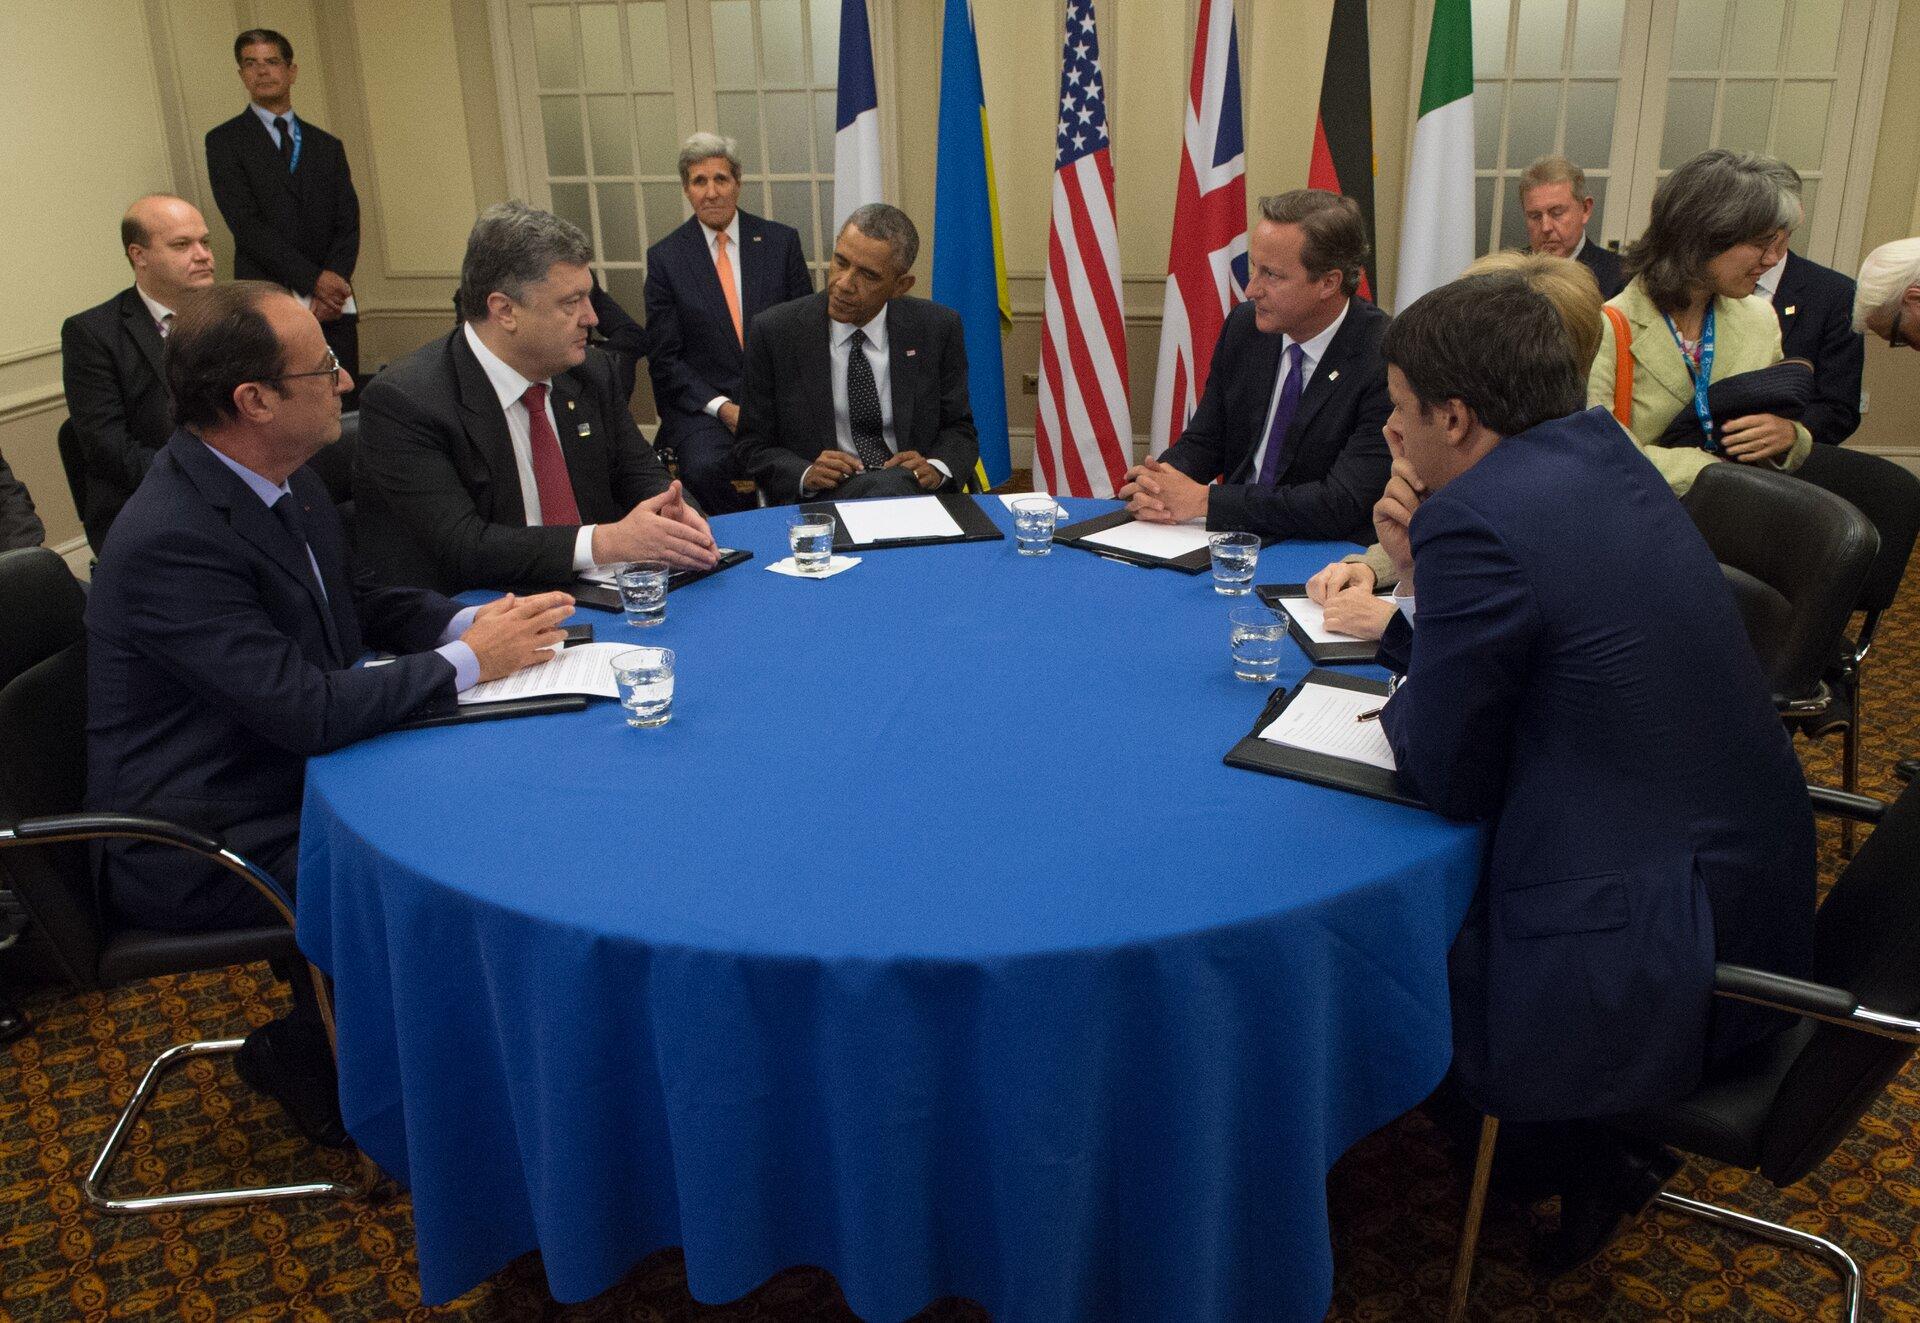 Na zdjęciu okrągły stół nakryty niebieskim suknem. Od lewej strony siedzą przy stole prezydent Francji François Hollande, prezydent Ukrainy Petro Poroszenko, prezydent Stanów Zjednoczonych Barack Obama, premier Wielkiej Brytanii David Cameron, kanclerz Niemiec Angela Merkel (zasłonięta przez mężczyznę, prawdopodobnie tłumacza, siedzącego także przy stole). Ztyłu wtle flagi państwowe oraz grupa ludzi, wśród których jest także sekretarz stanu USA John Kerry.